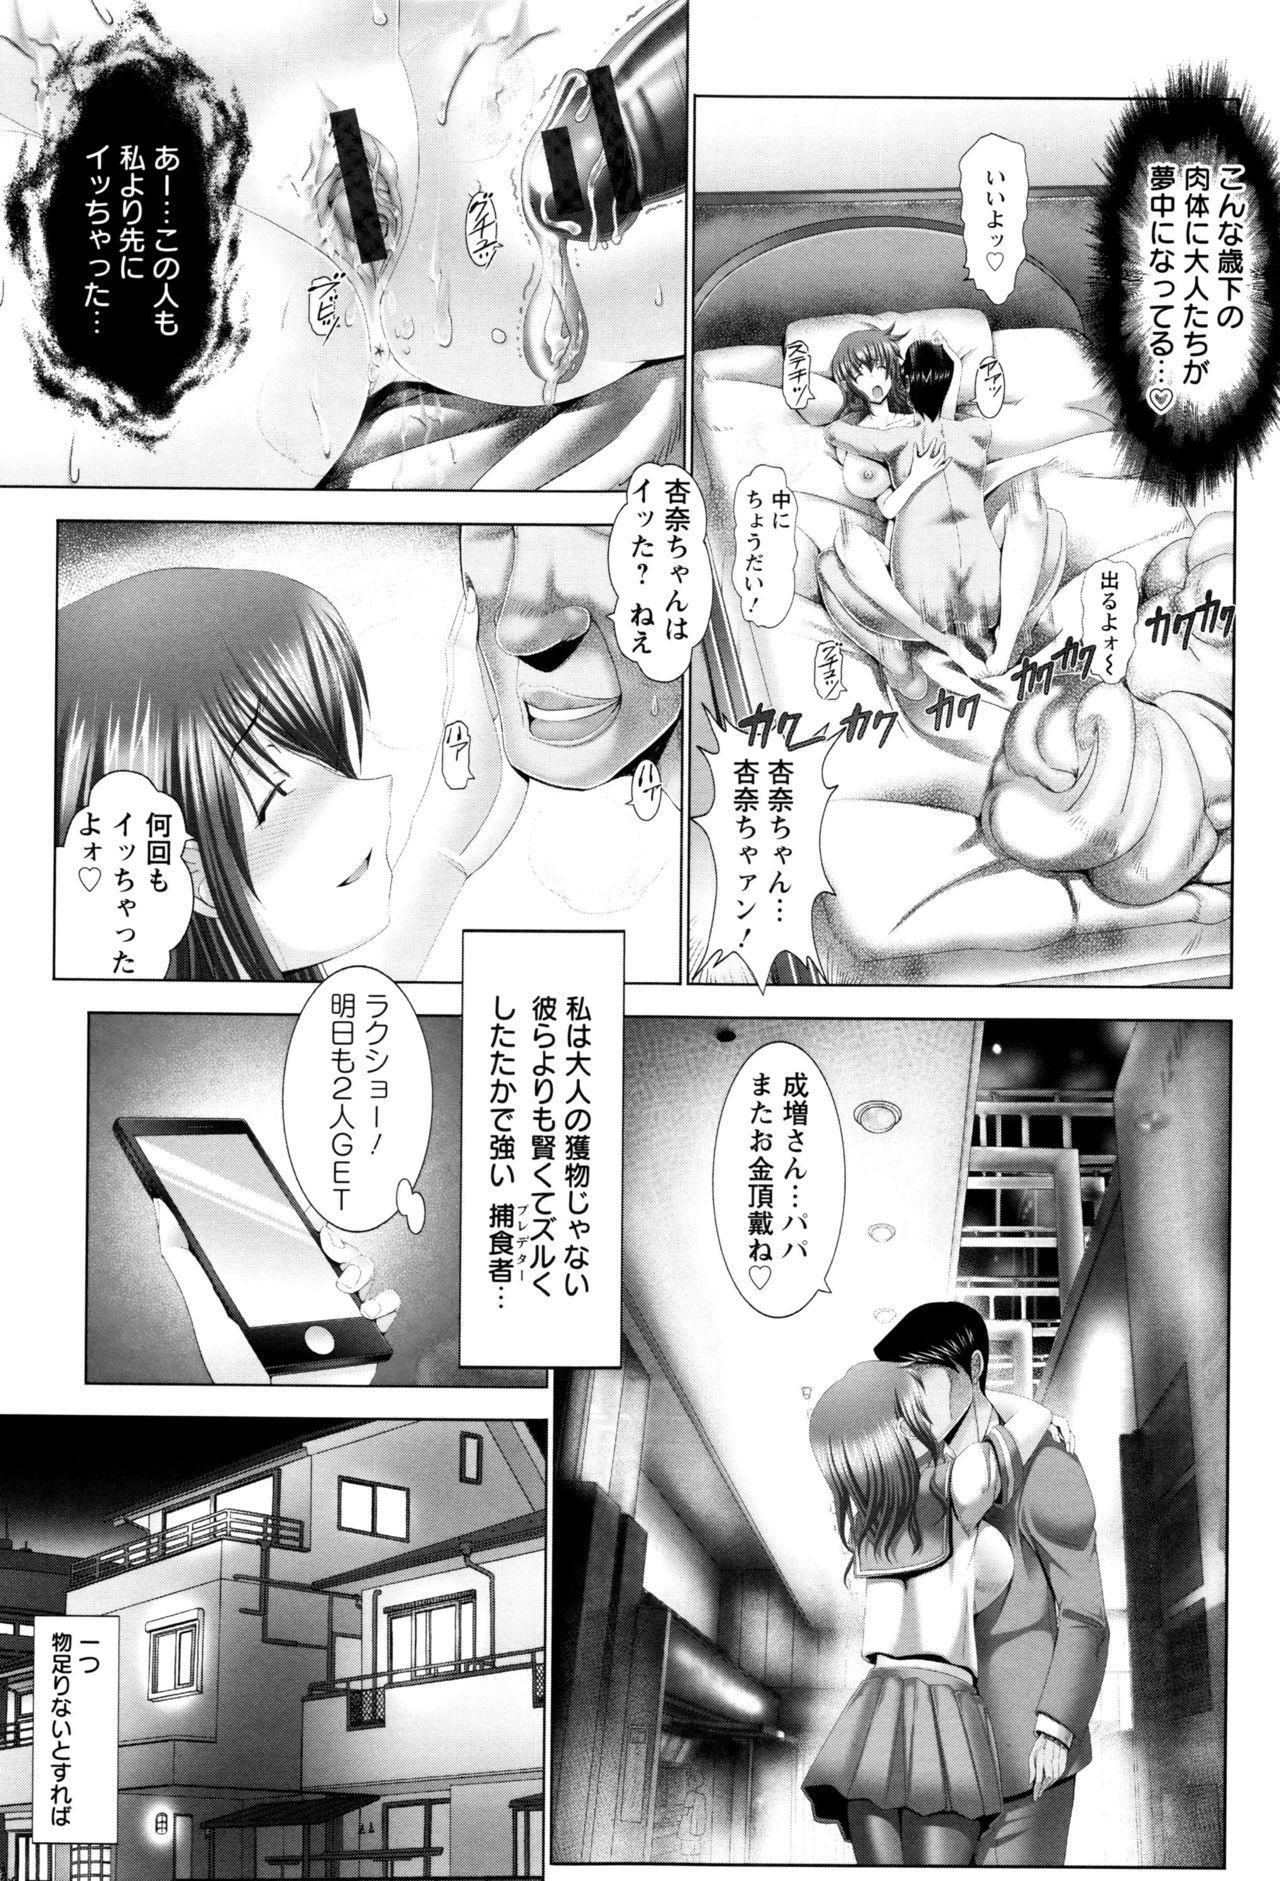 Kotoko wa Isshou Yokkyuufuman 133